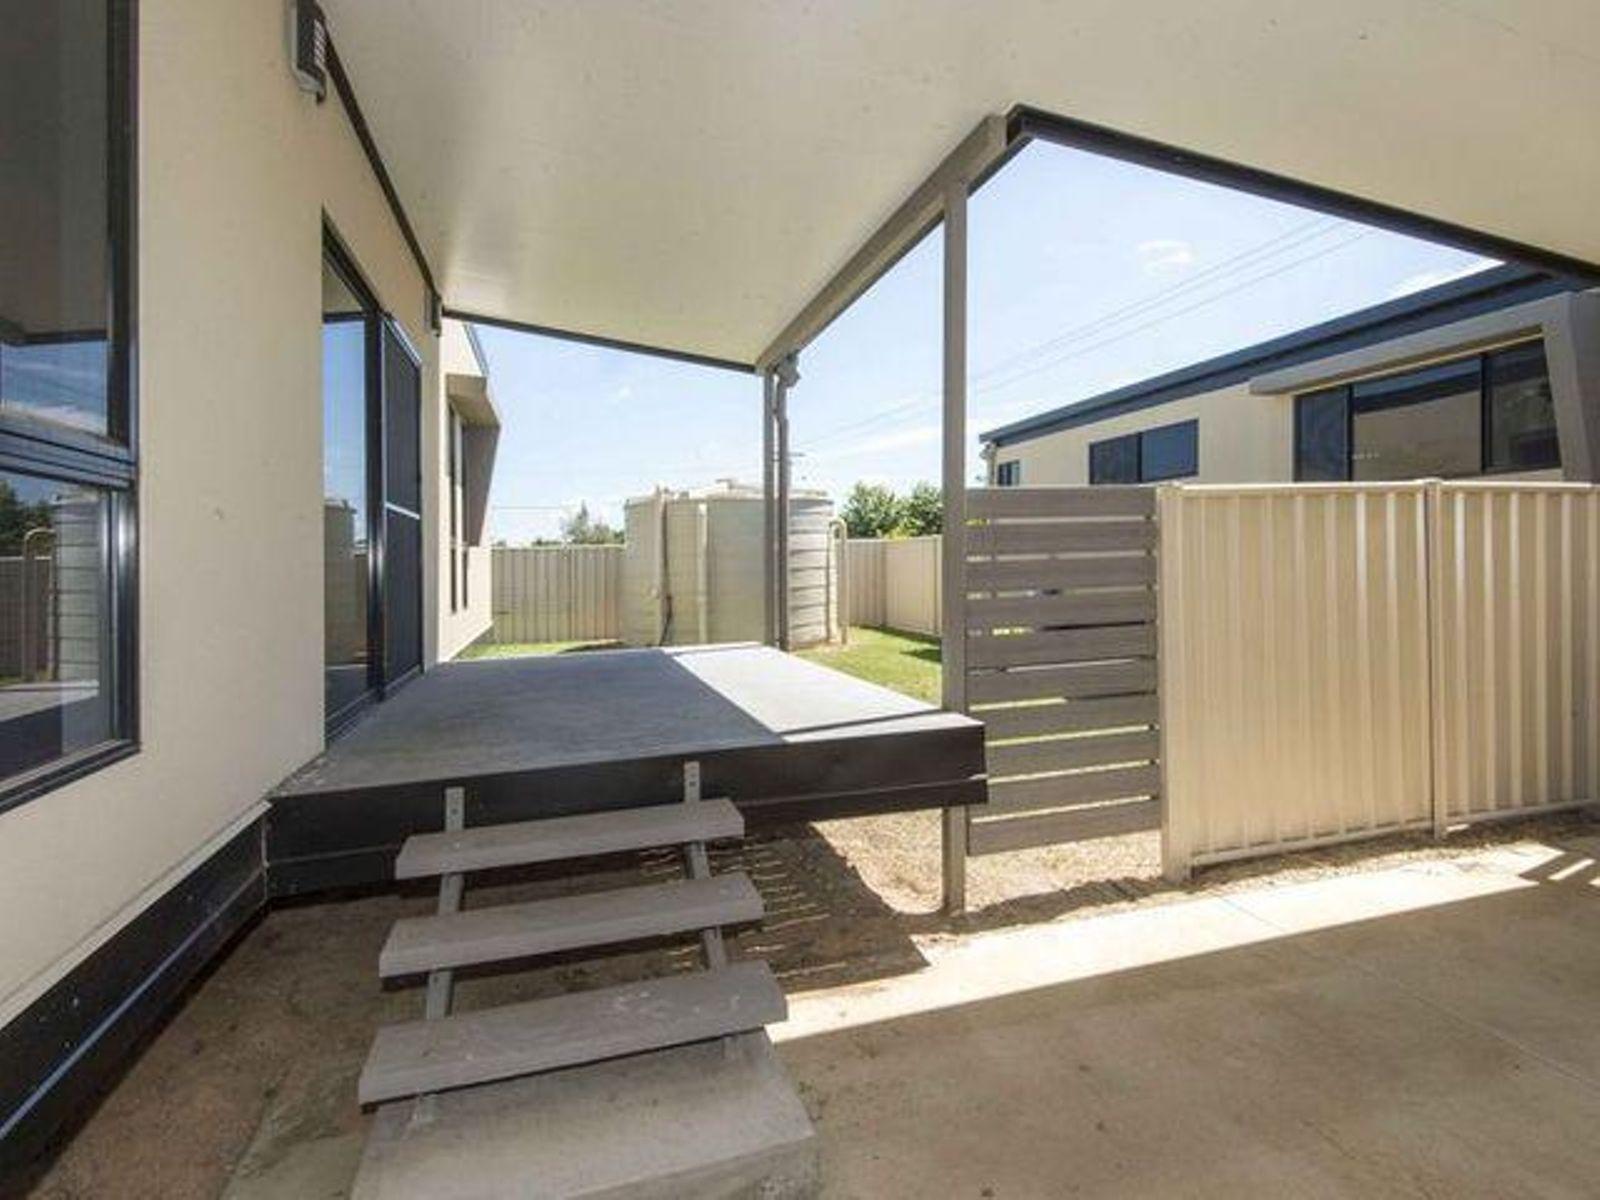 7/51 Kemmis Street, Nebo, QLD 4742